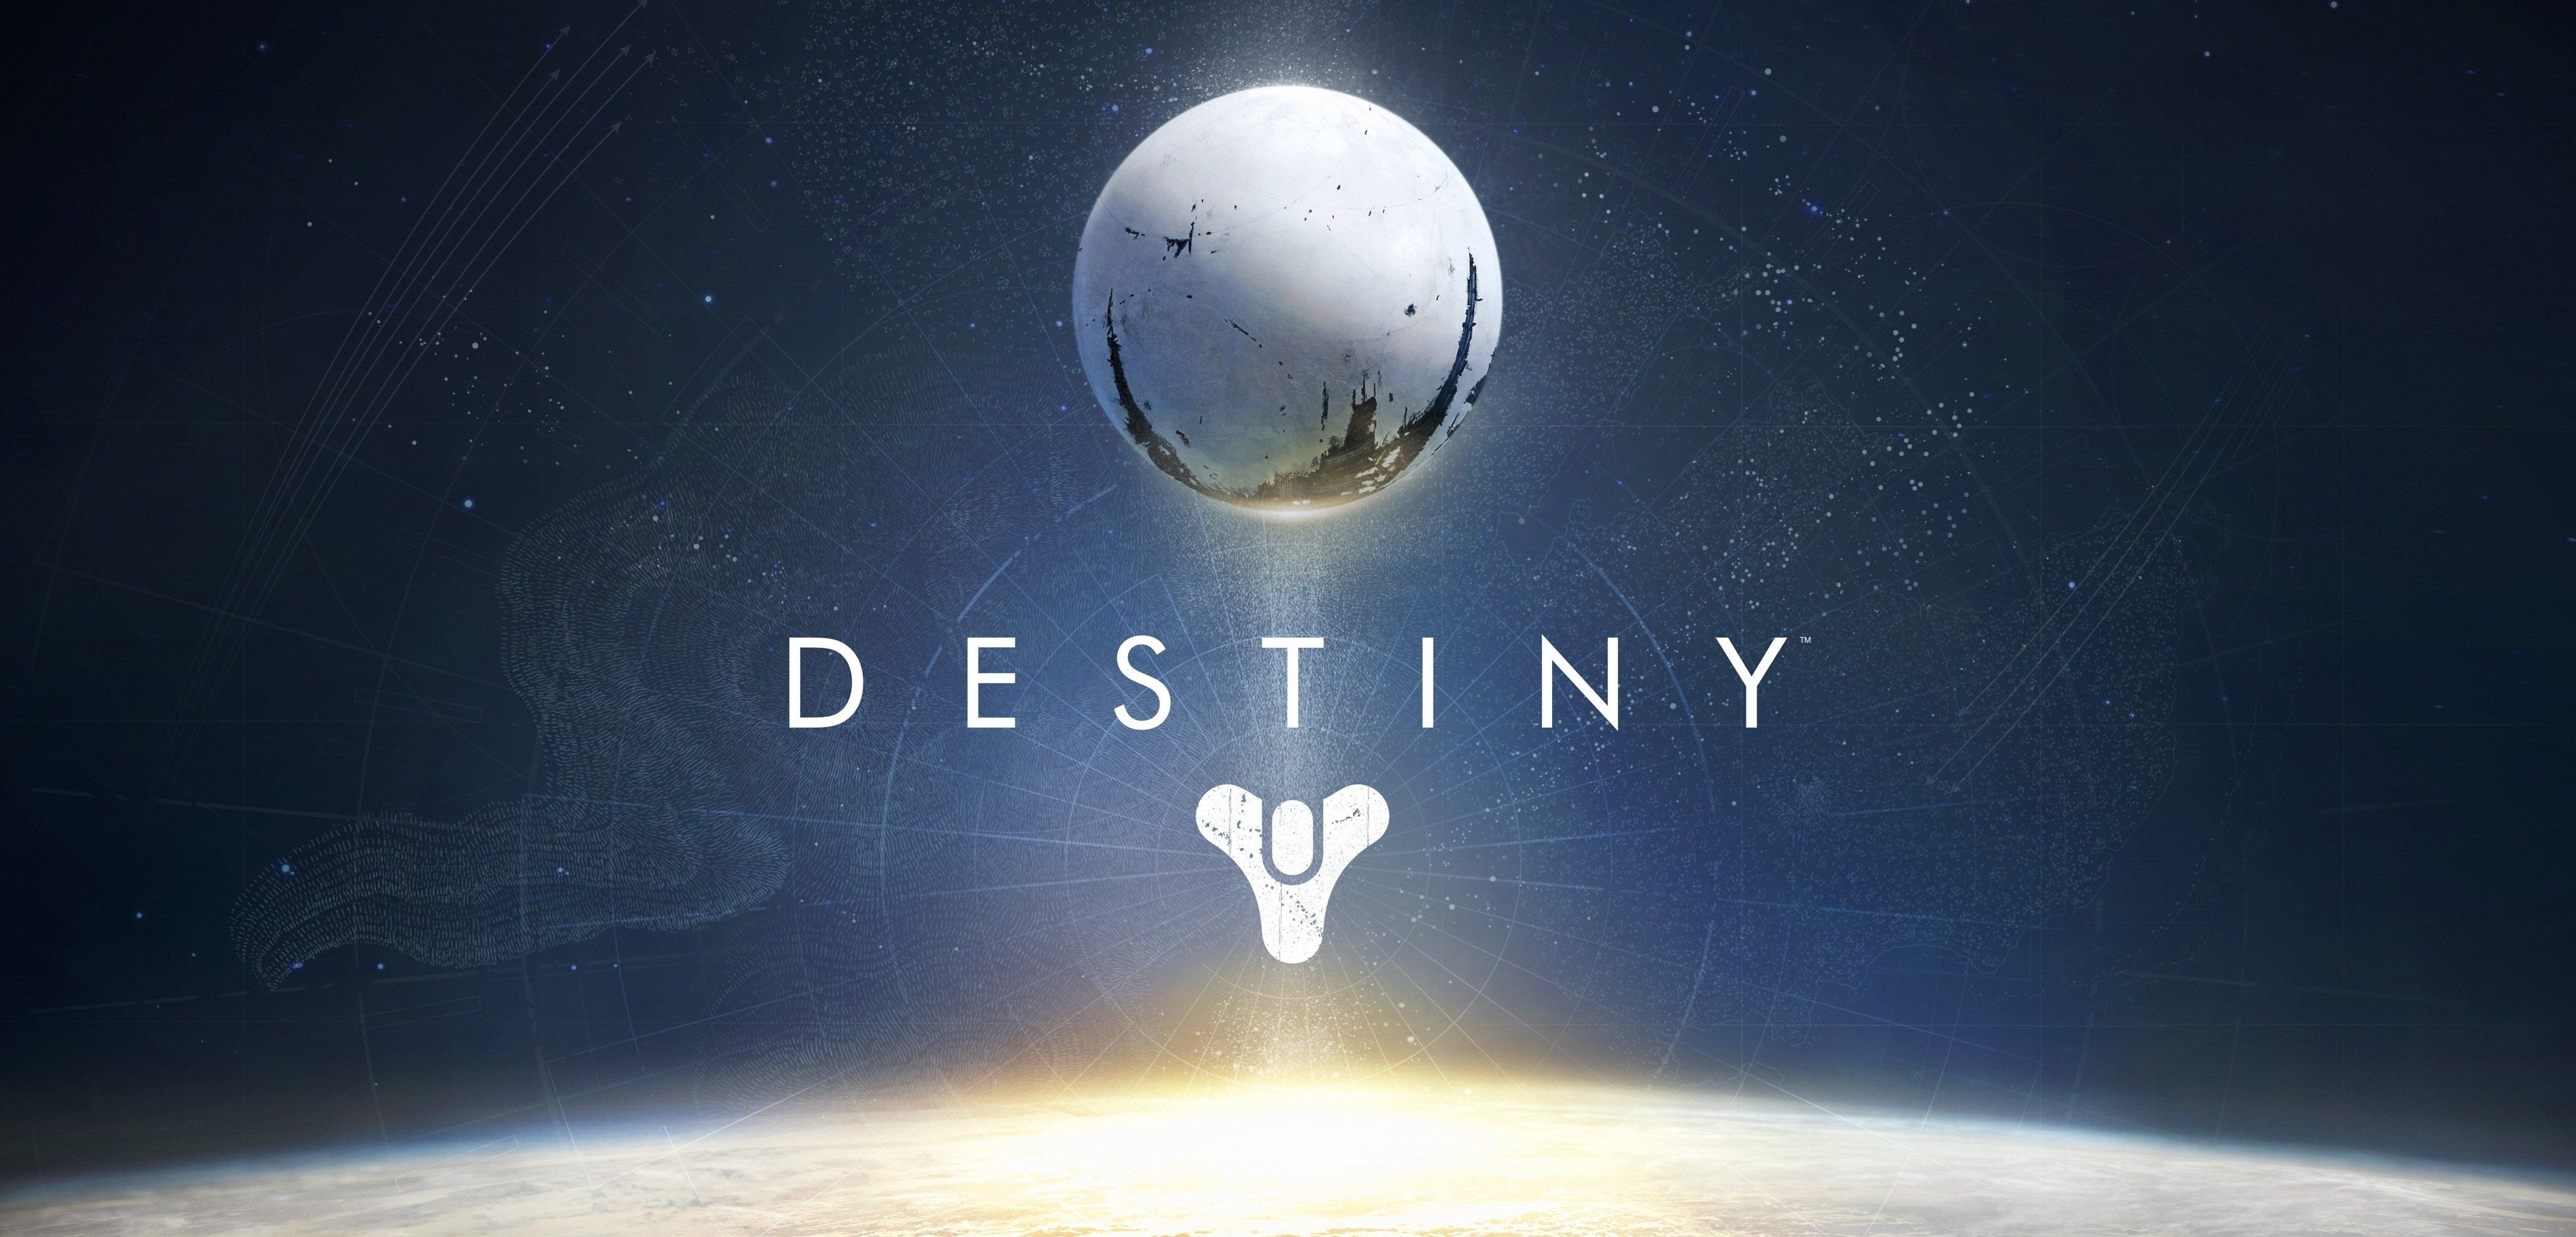 Баллы. Destiny  - Изображение 1